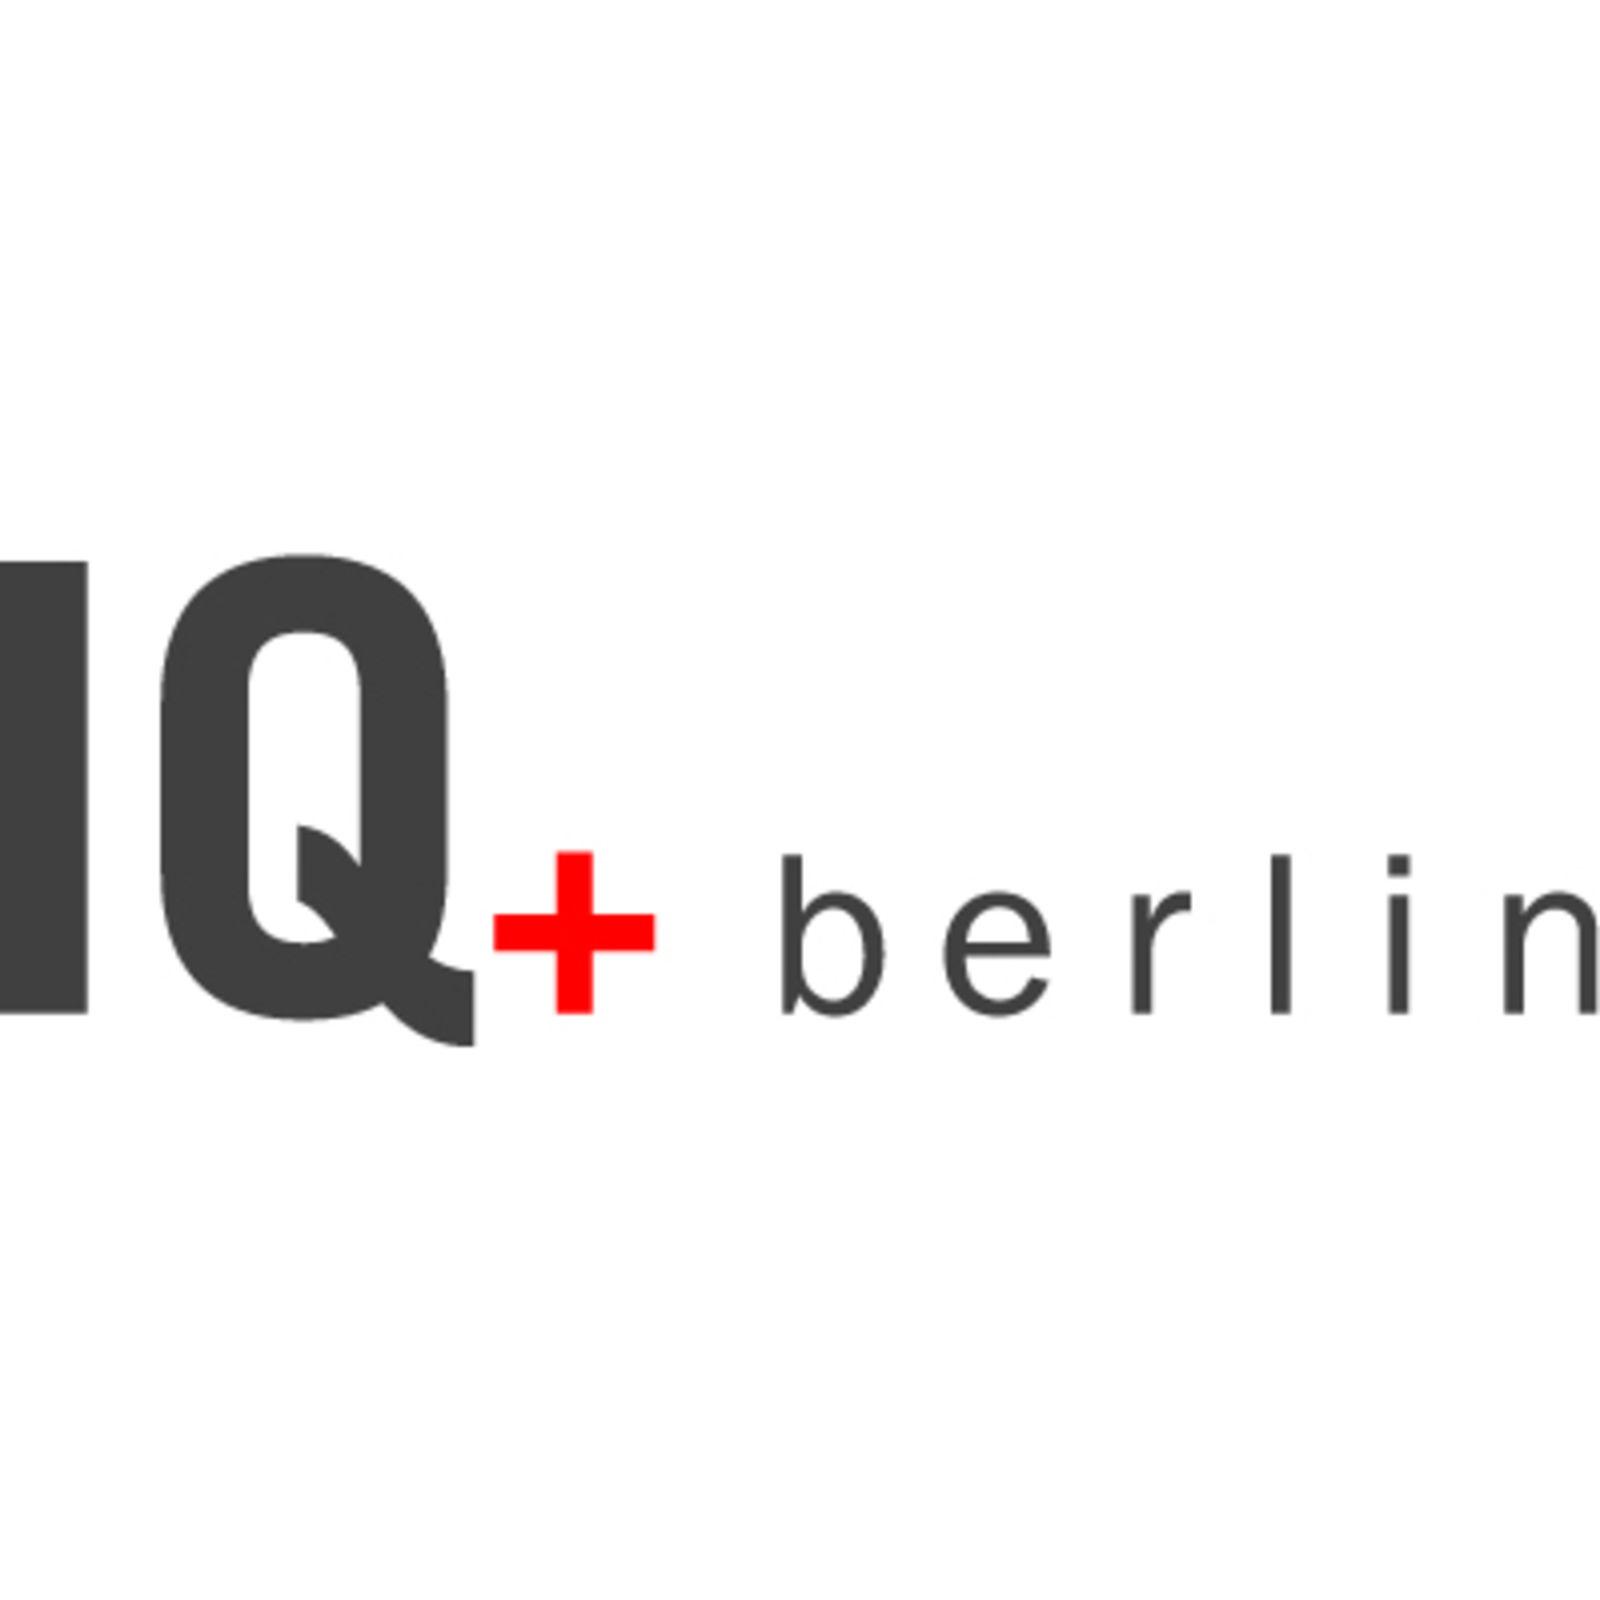 IQ+ berlin (Bild 1)